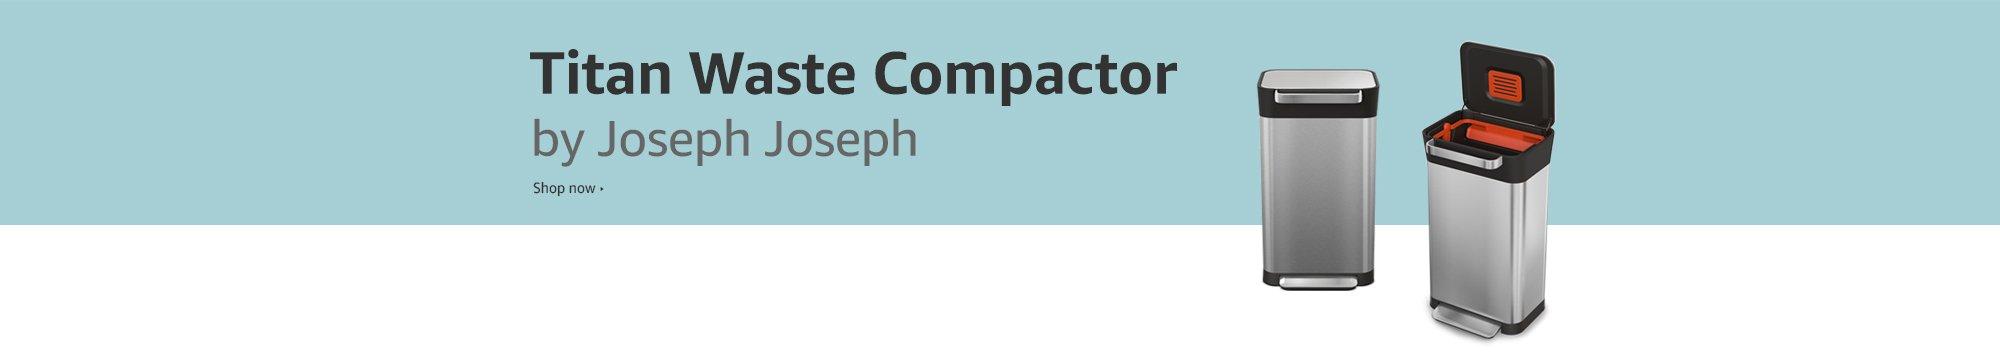 Titan Waste Compactor by Joseph Joseph